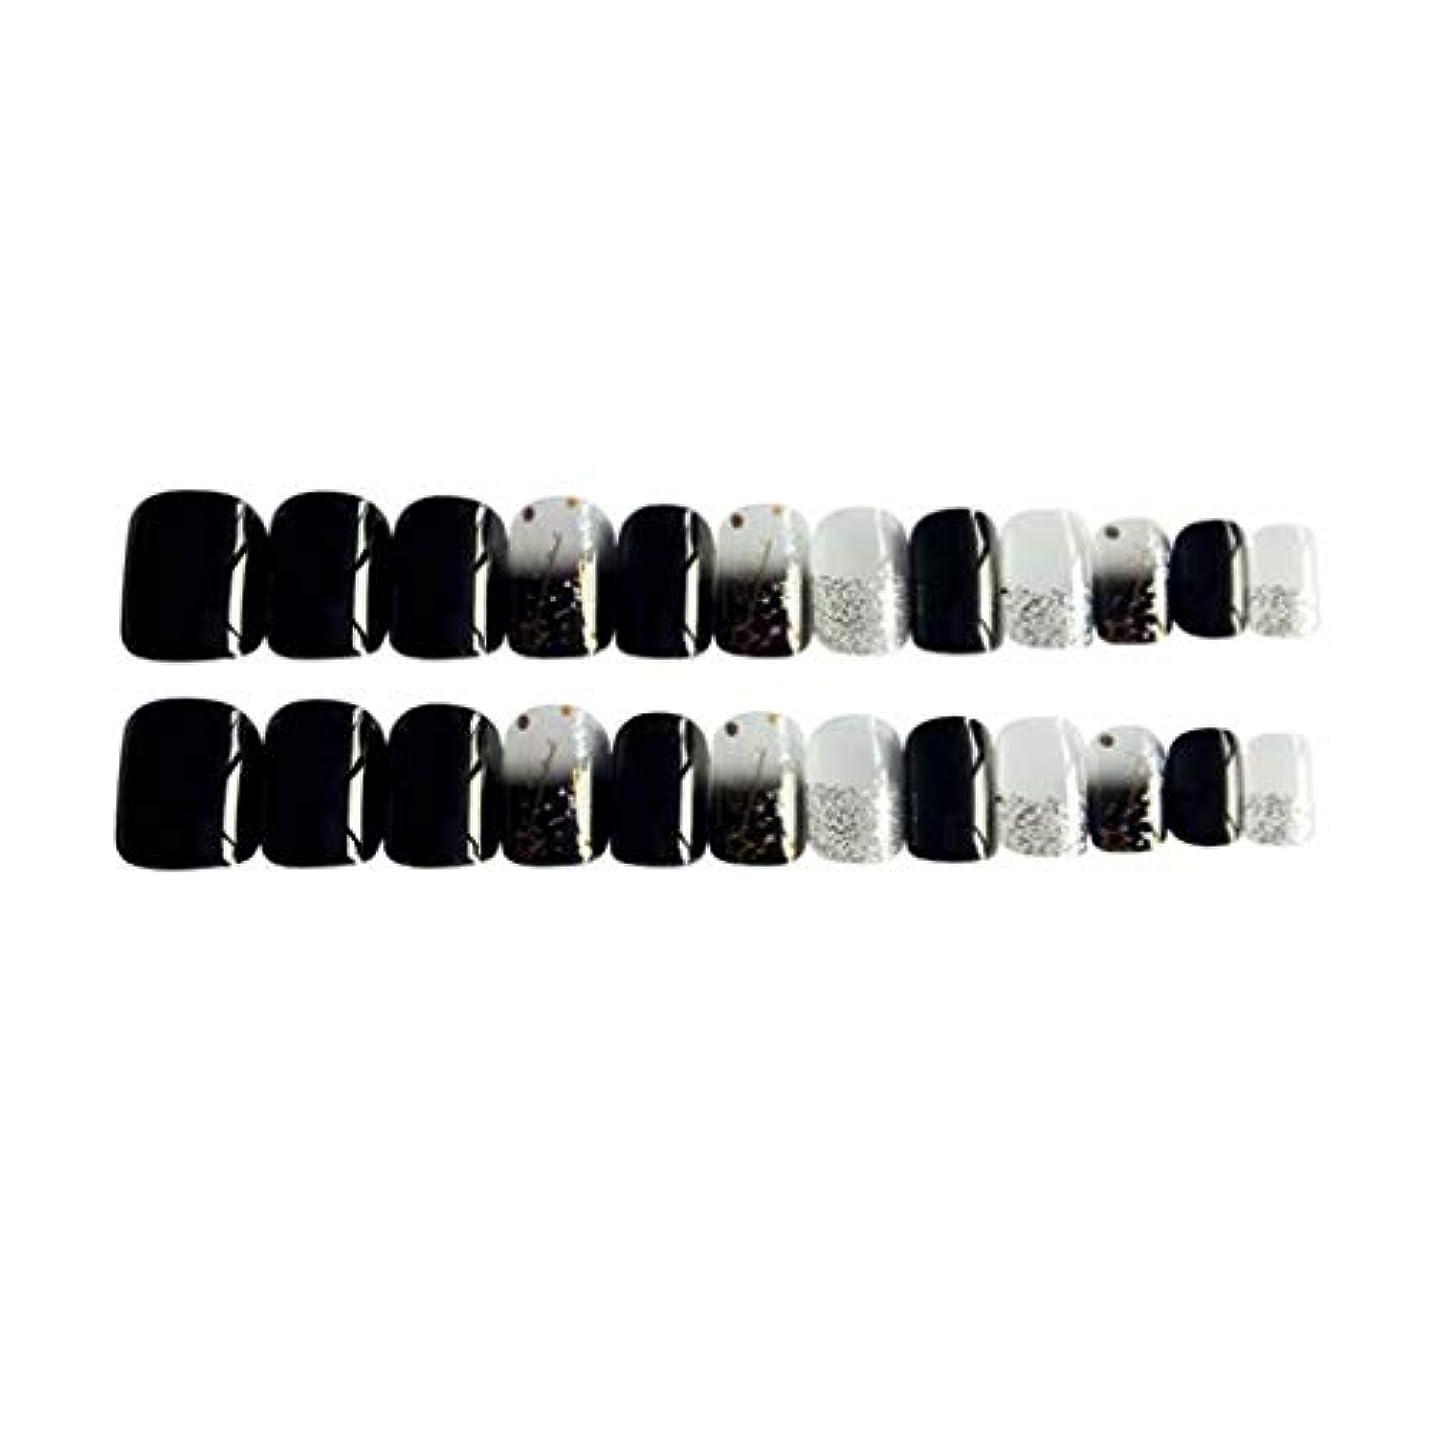 アダルト天国不確実Perfeclan 約24個 つけ爪 ネイルチップ 長い爪 フルカバー 付け爪 手作りネイルチップ ブラック